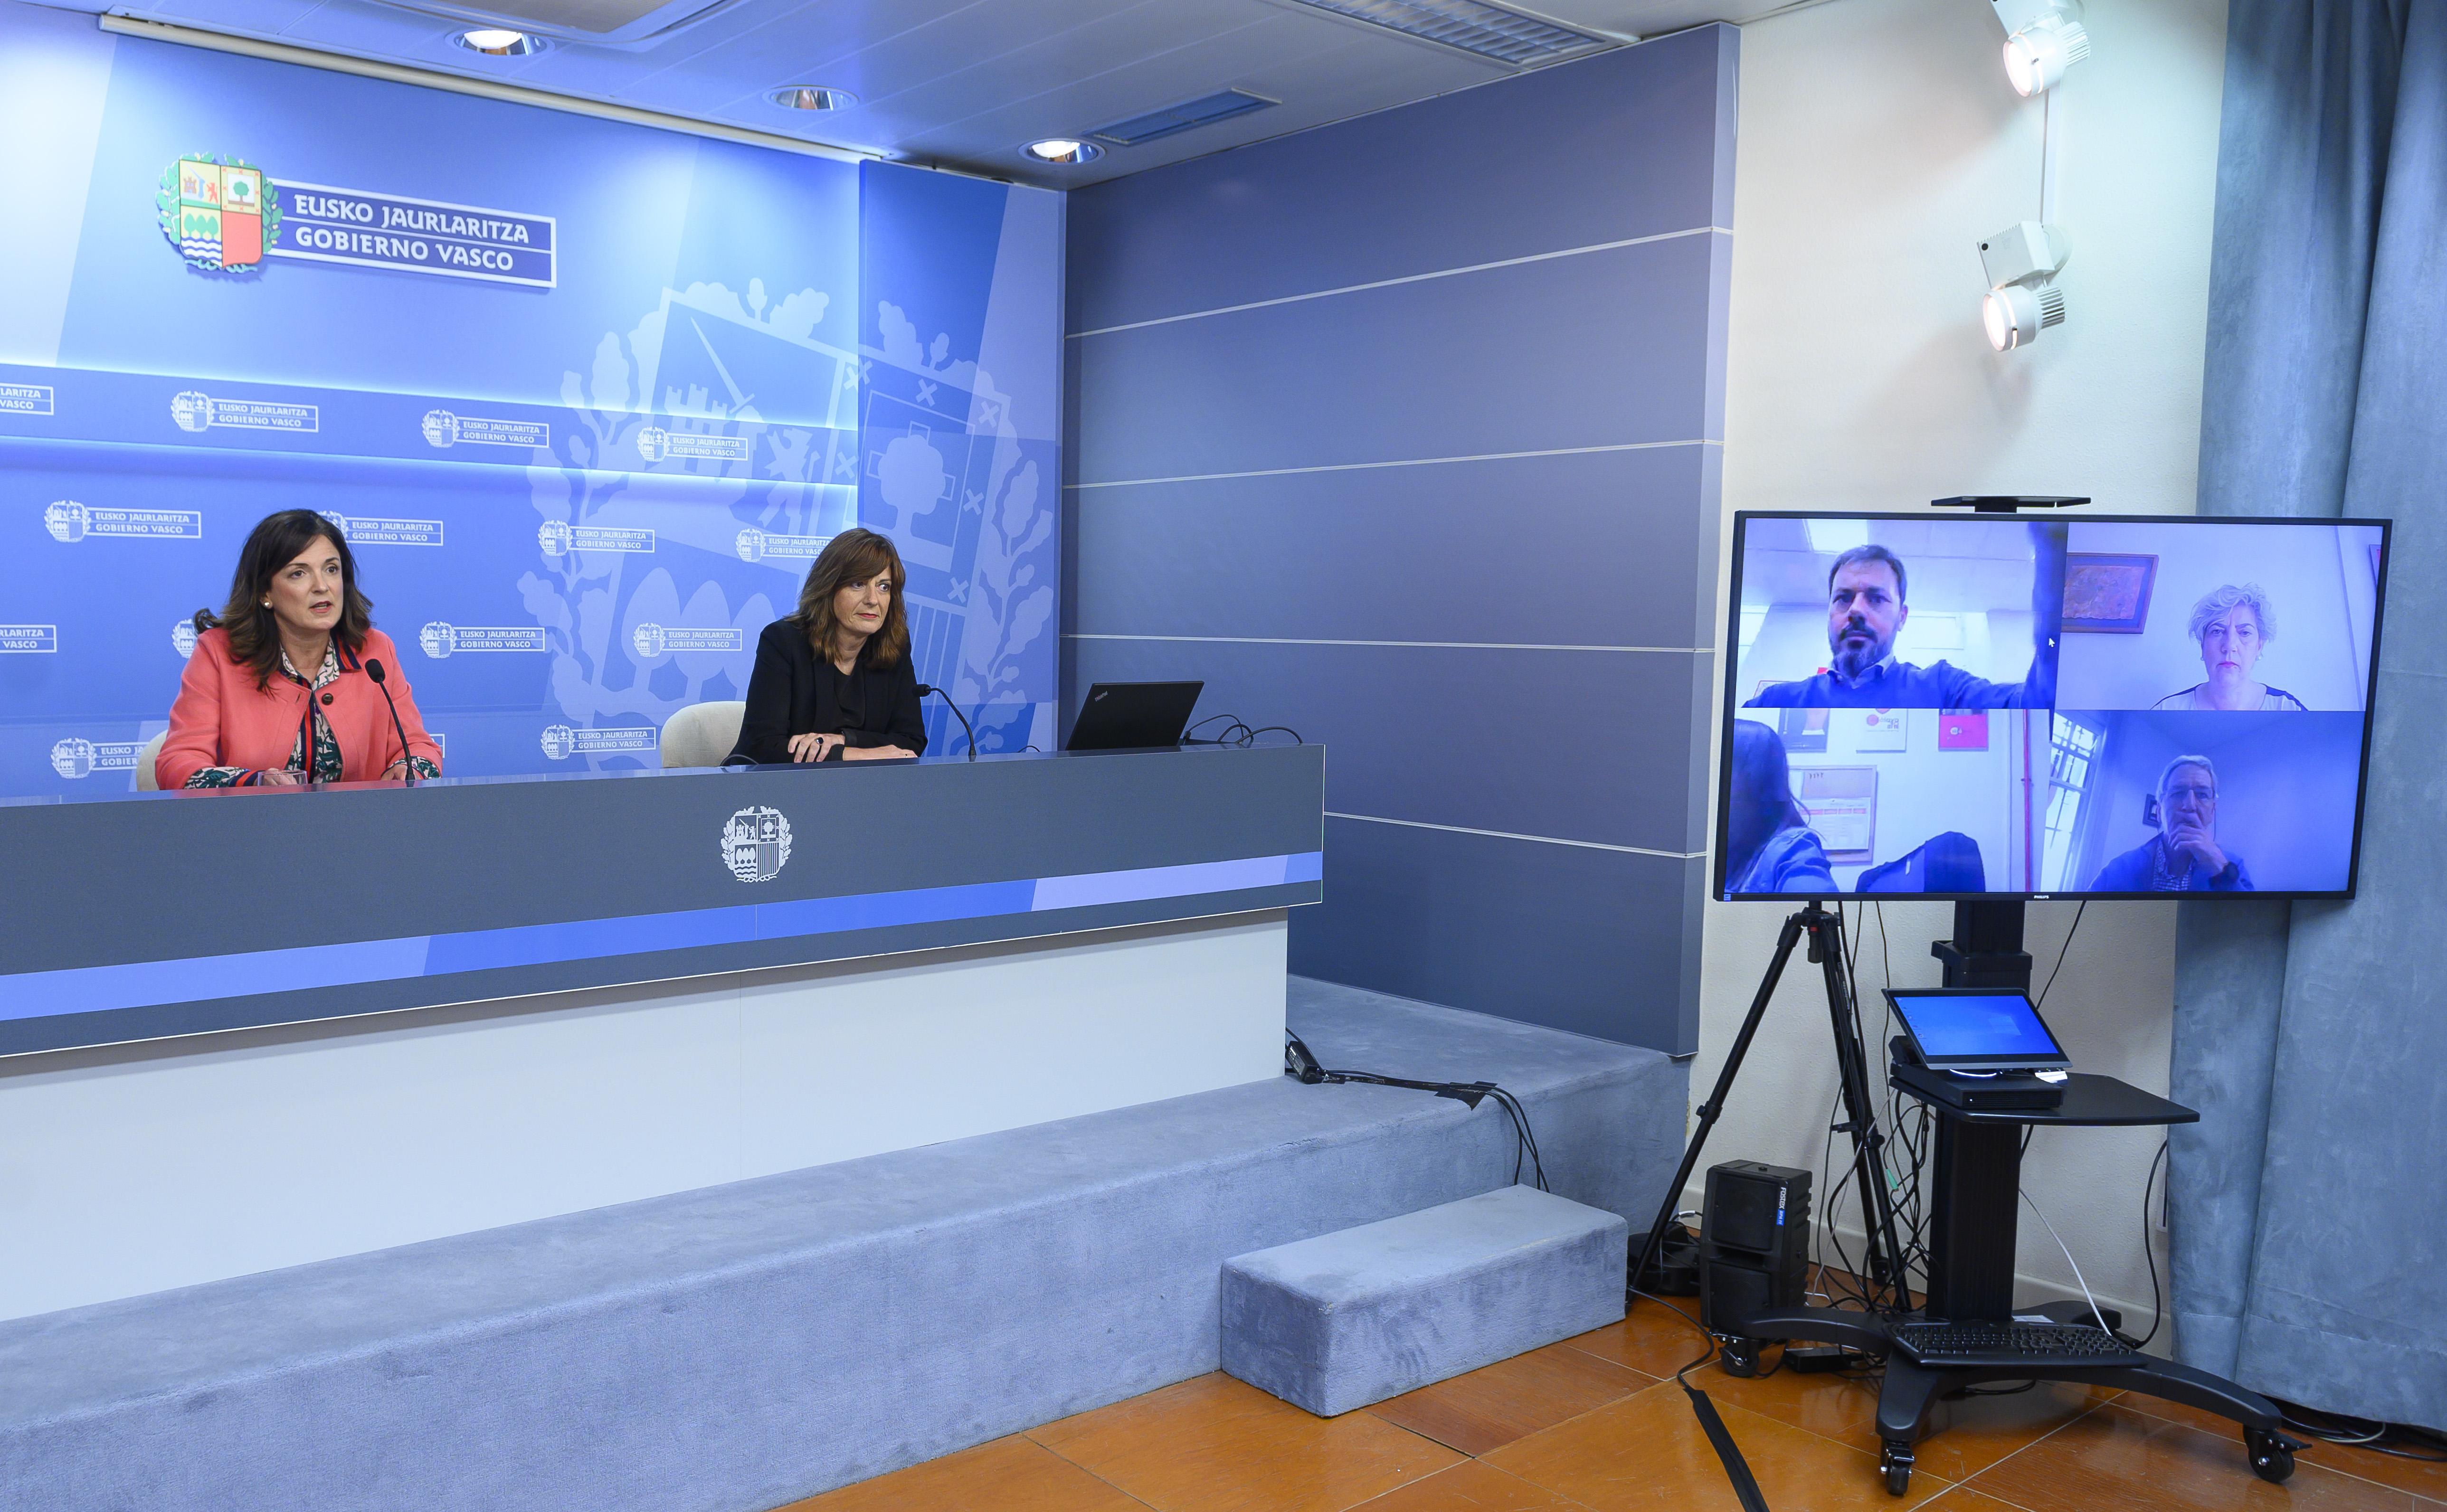 El Gobierno Vasco llegará a más de diez mil personas a través de una decena de programas de lucha contra la exclusión